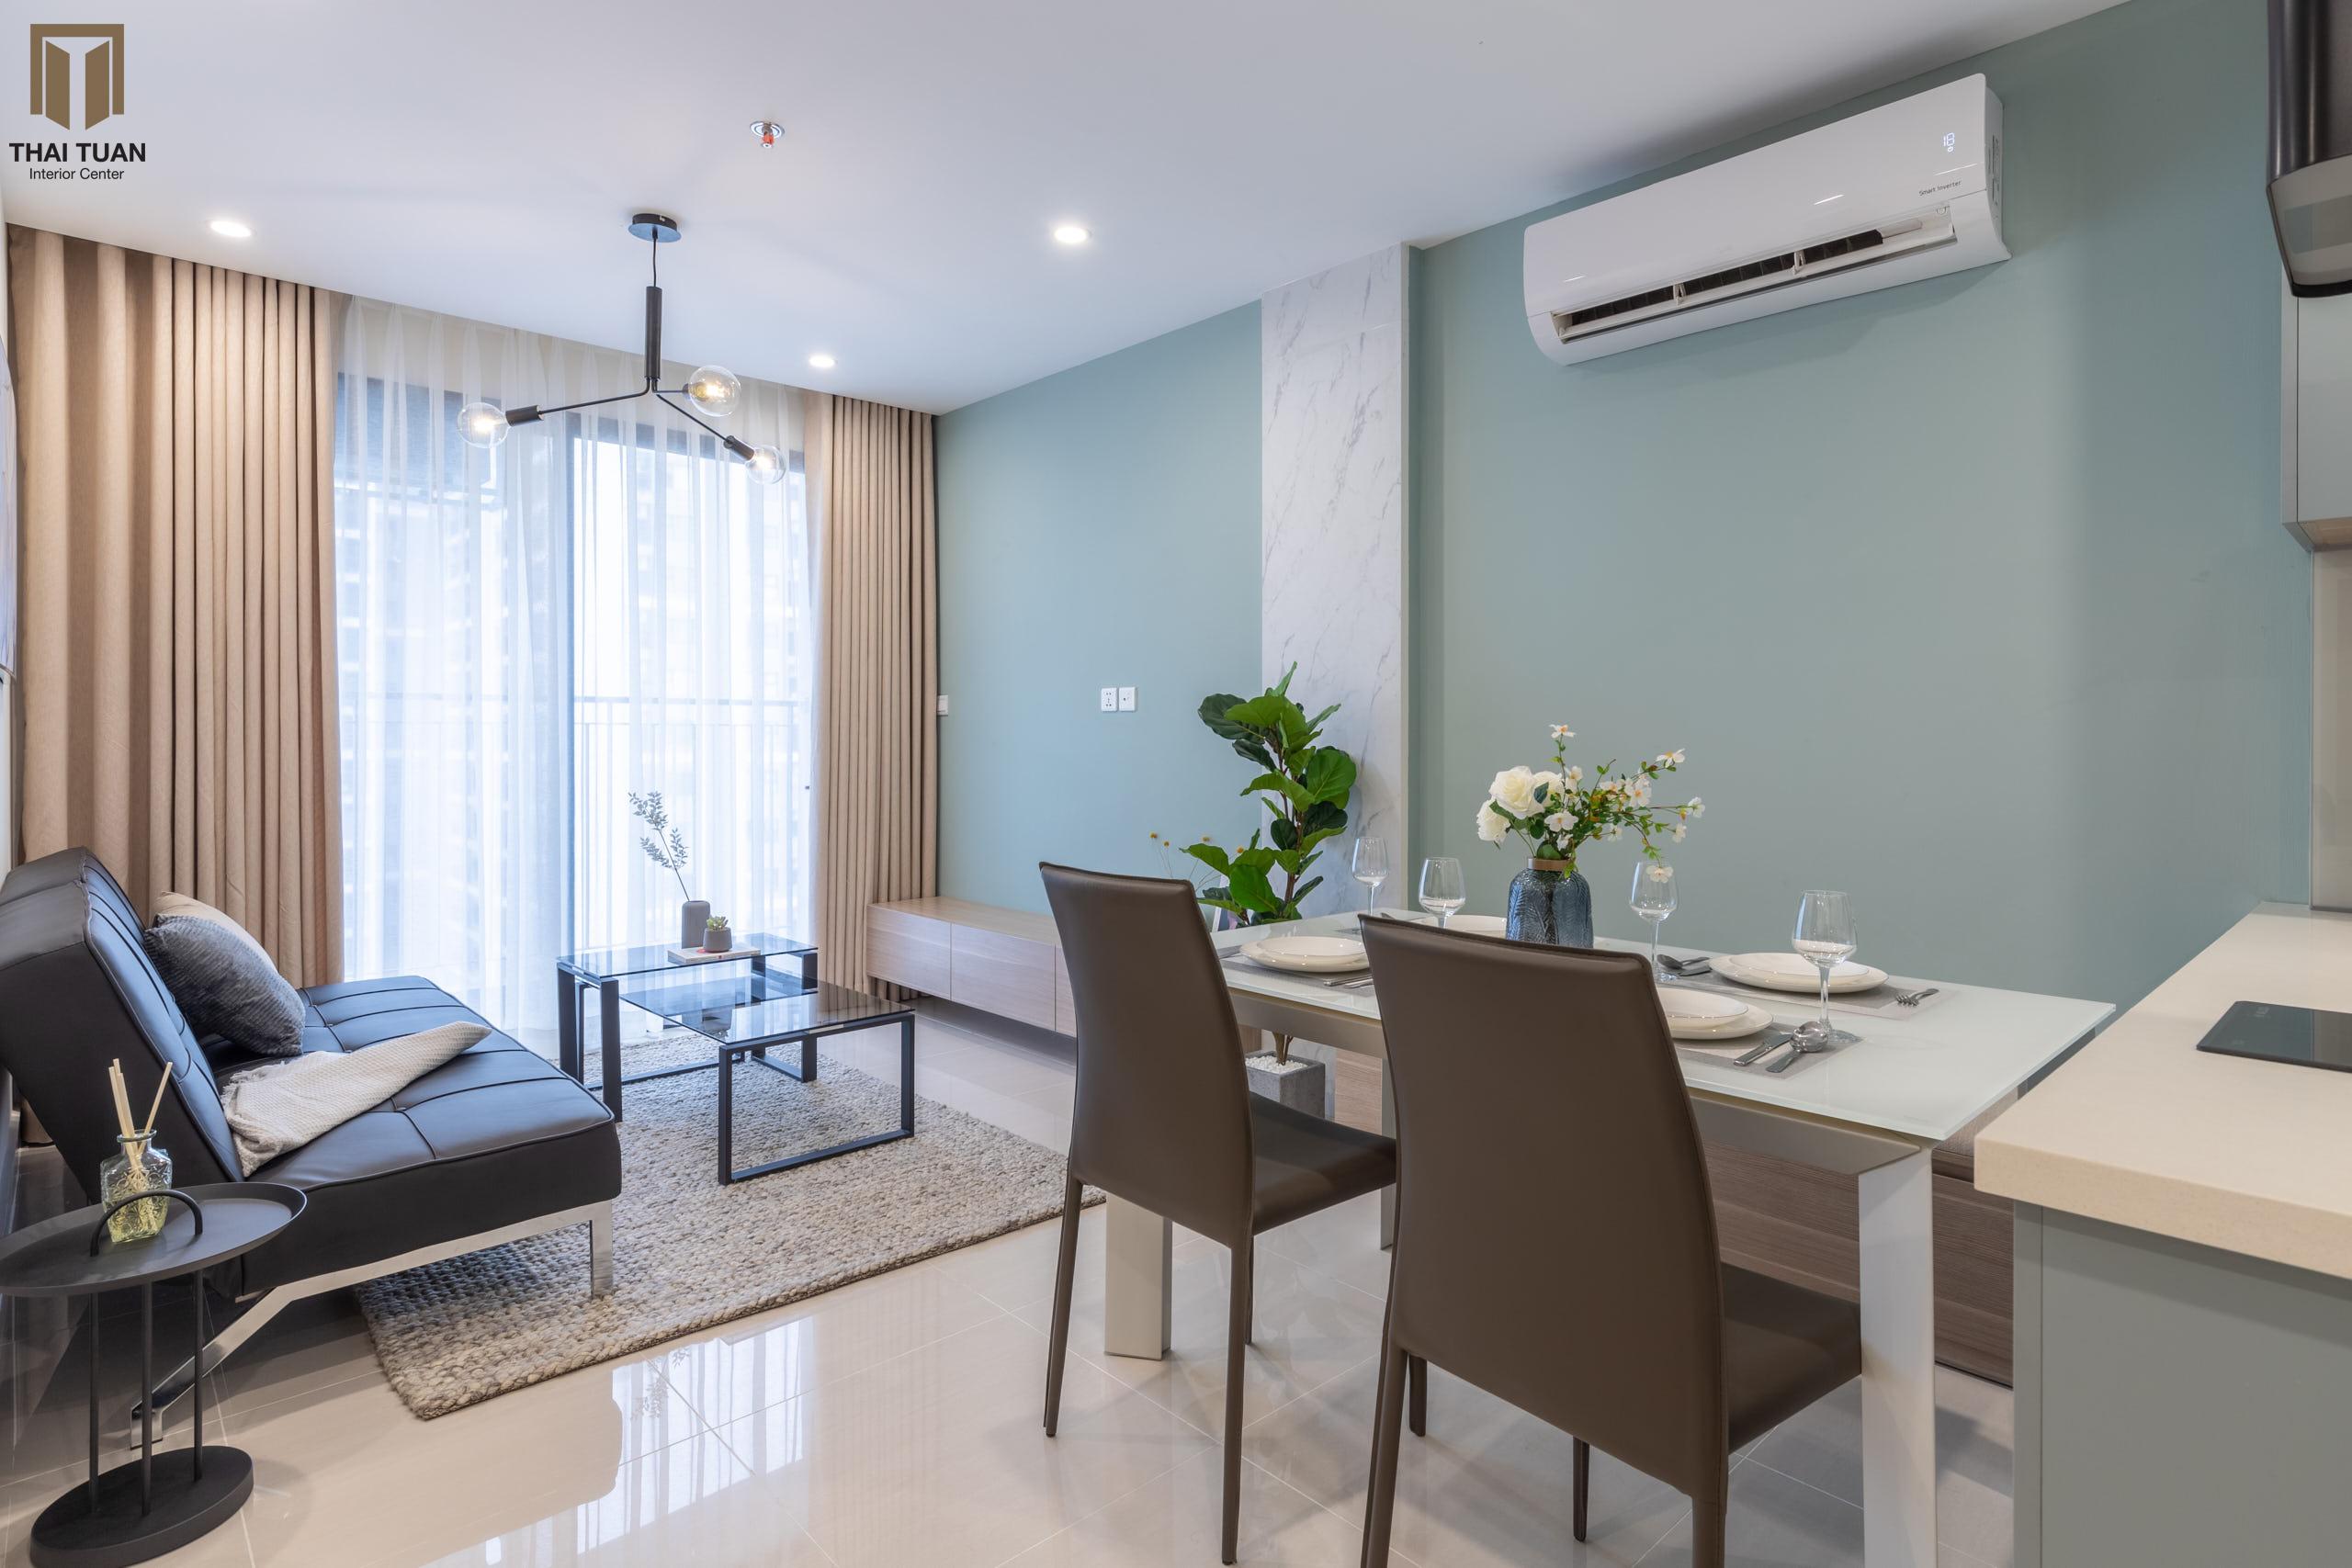 Phòng khách, phòng ăn hài hòa với diện tường light blue làm điểm nhấn